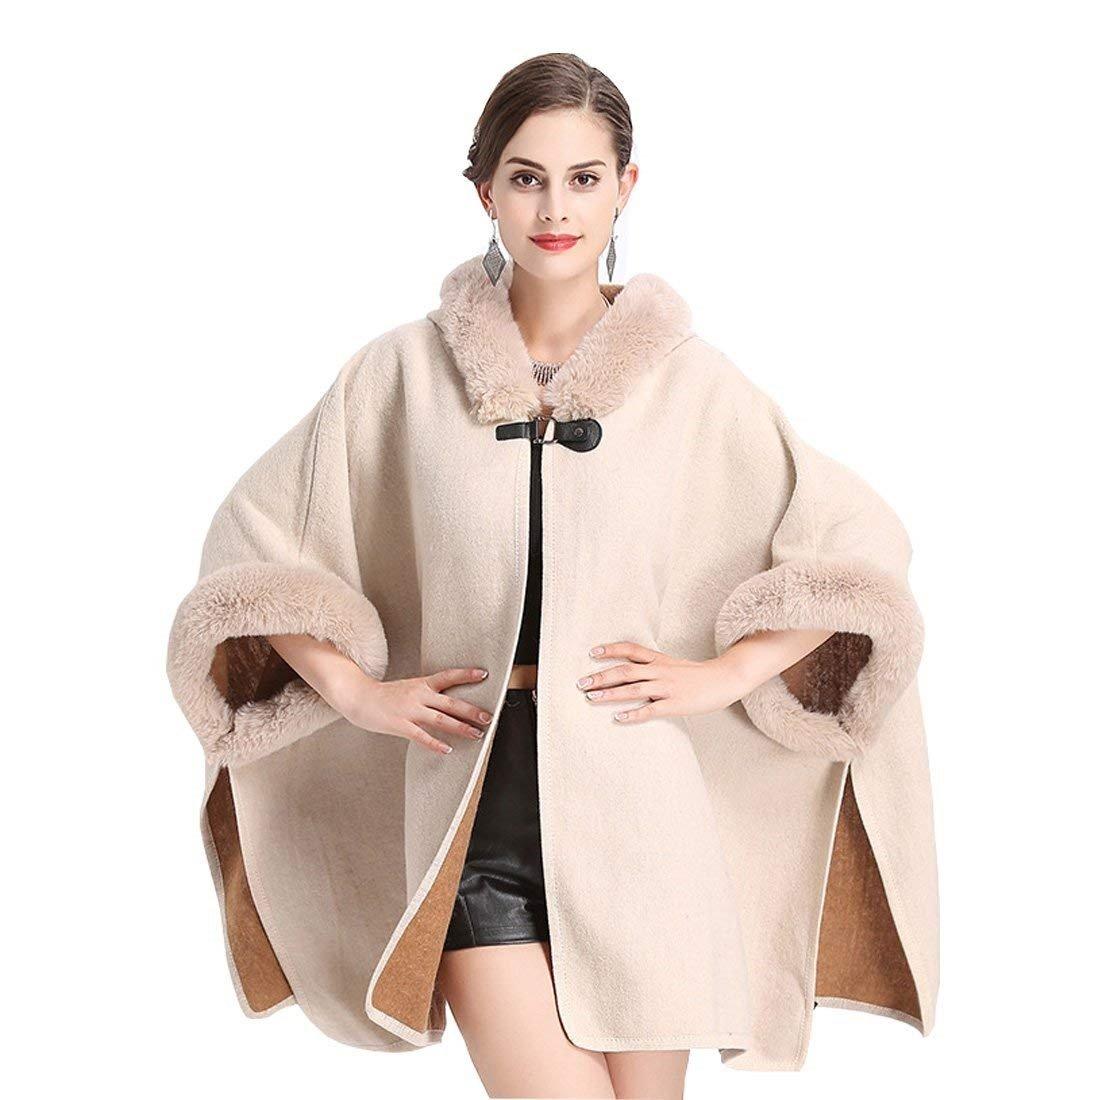 Cardigan Donna Autunno Invernali Eleganti Moda Outerwear Spacco Fashion Monocromo Baggy Irregular Manica Pipistrello Party Mantella con Cappuccio Scialle della Giubotto Casual Giaccone Abbigliamento